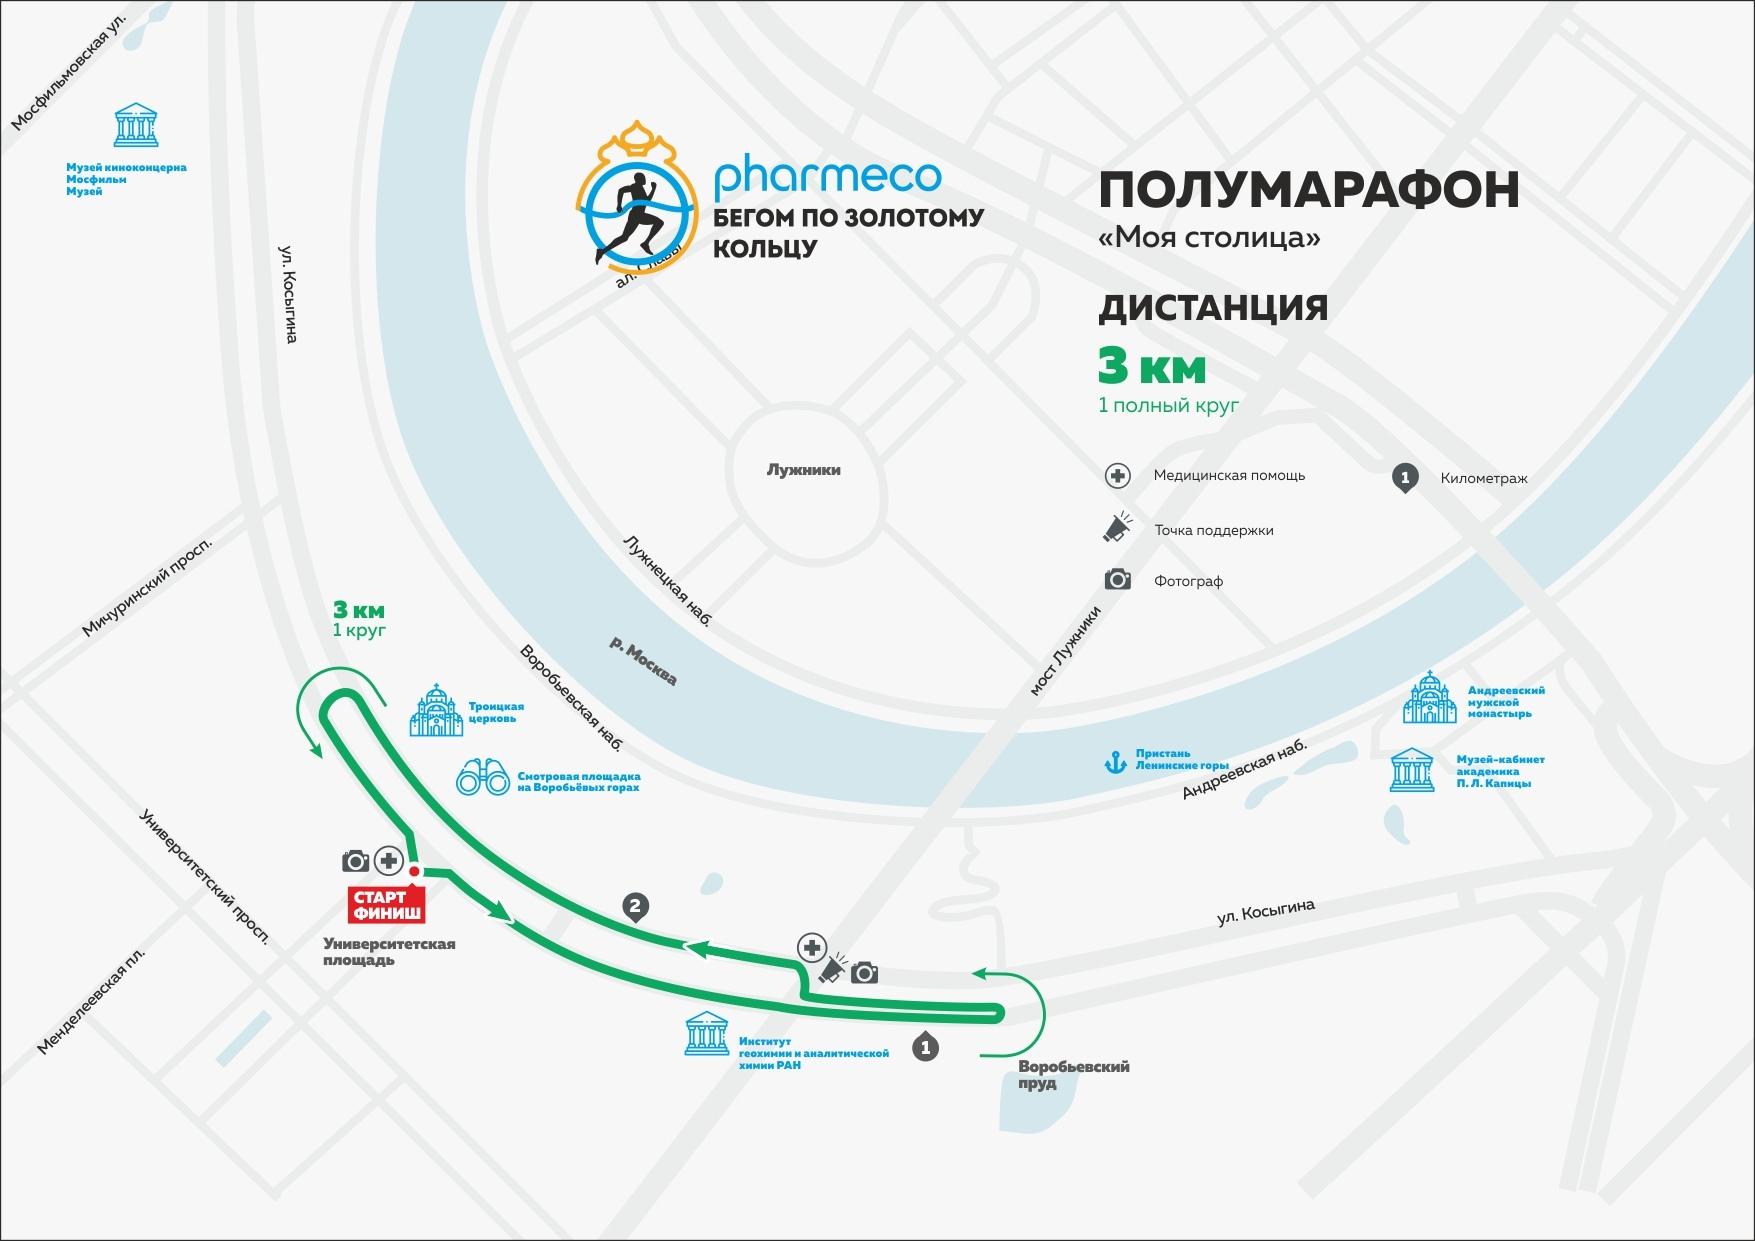 Карта-схема дистанции 3 км полумарафона в Москве - Моя столица 2019